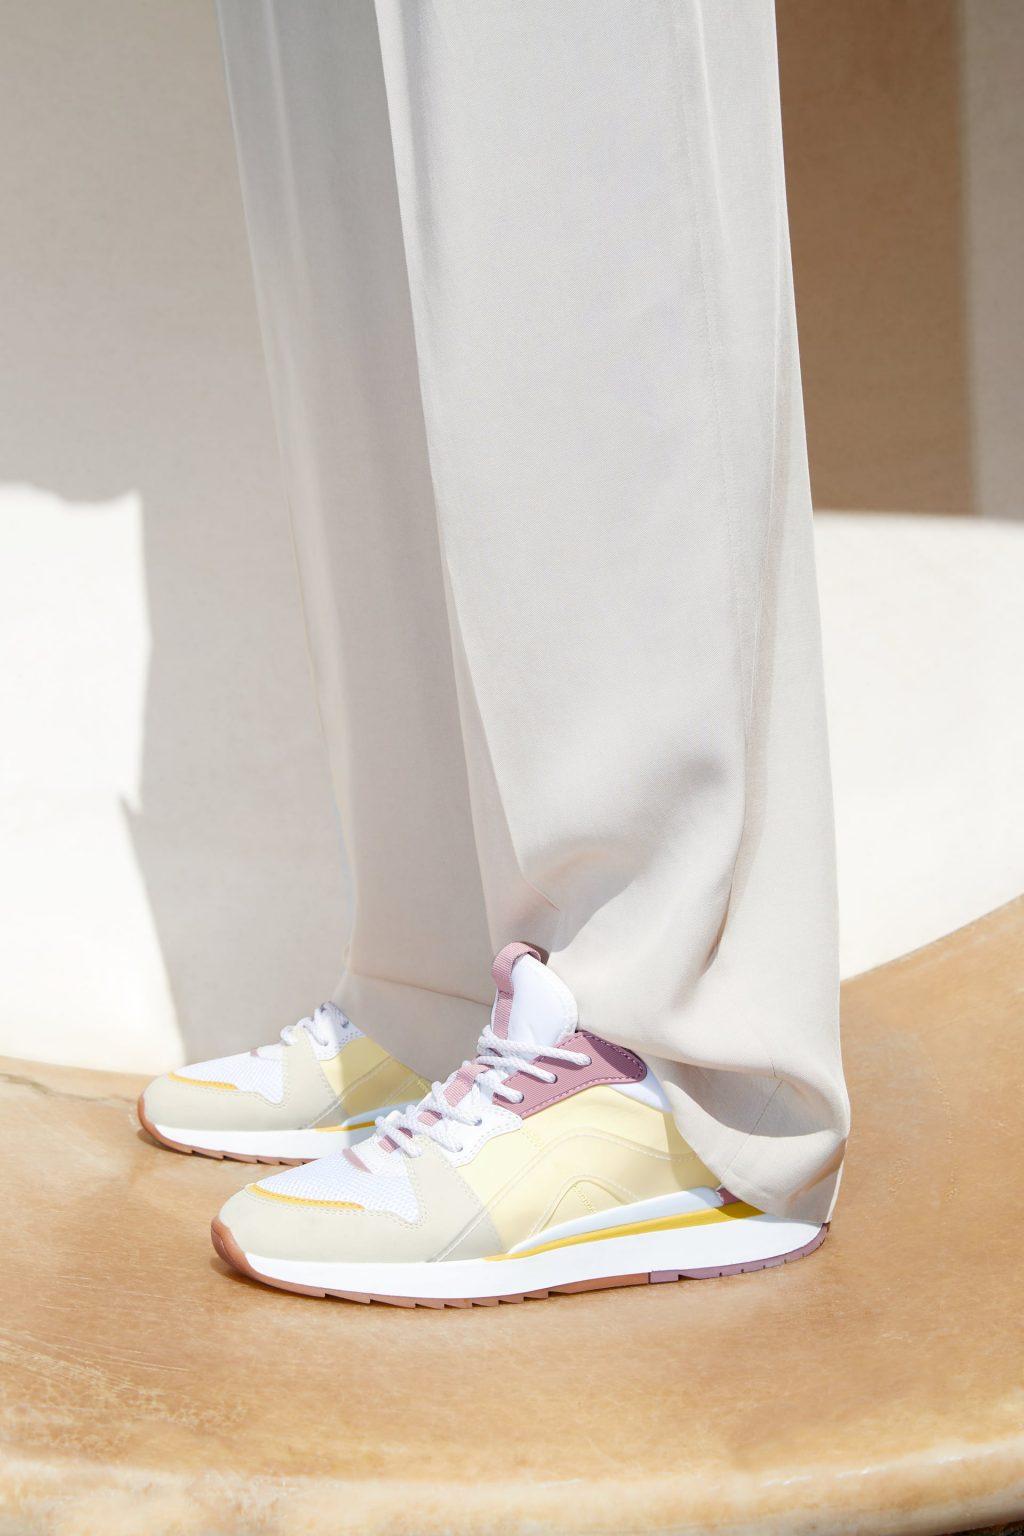 Người mẫu mặc quần dài trắng và đi giày sneaker